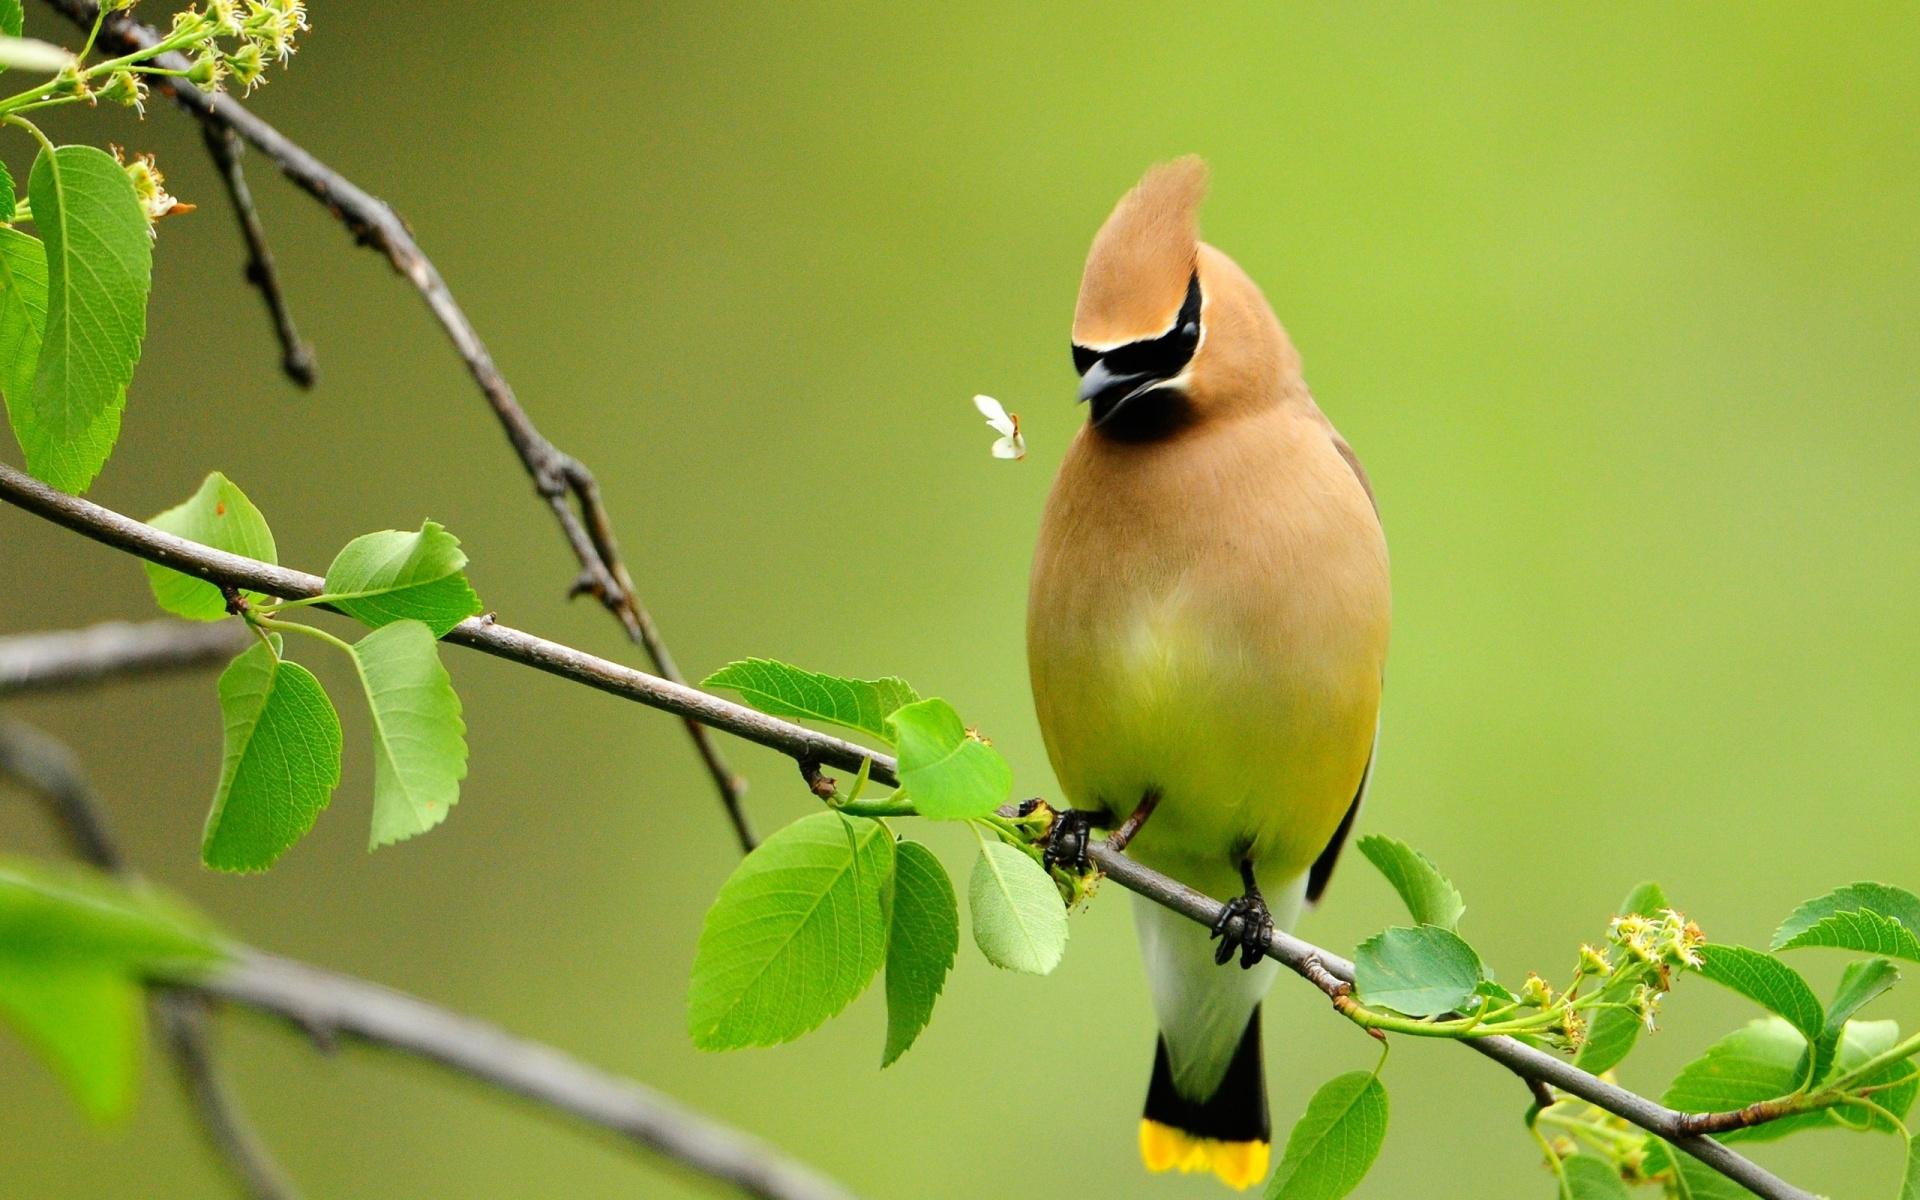 Hình nền con chim đẹp